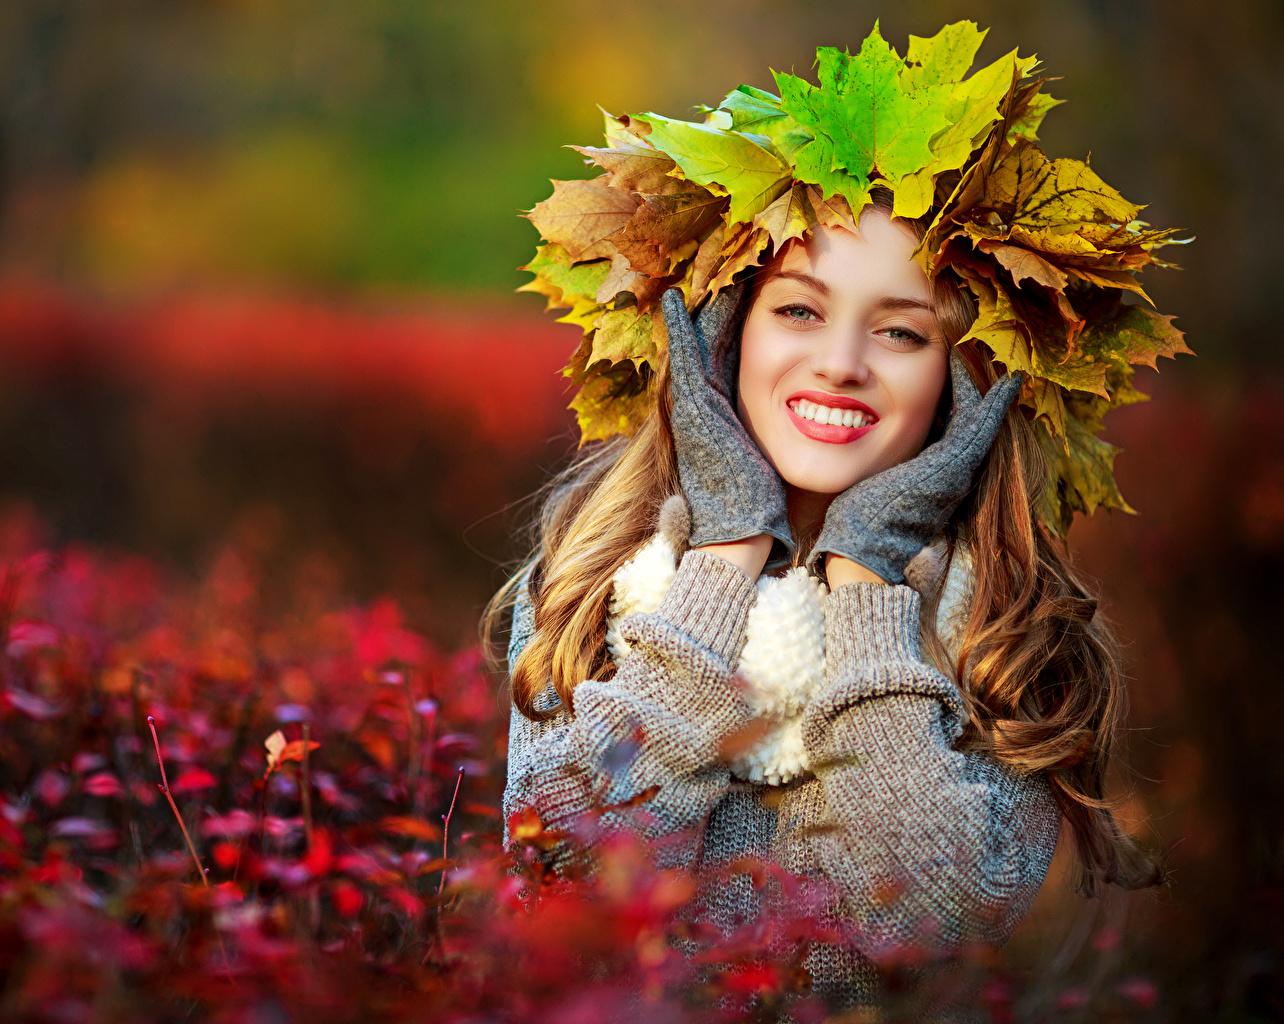 Bilder von Blattwerk Lächeln Handschuh Bokeh Kranz Herbst Mädchens Hand Blick Blatt unscharfer Hintergrund junge frau junge Frauen Starren